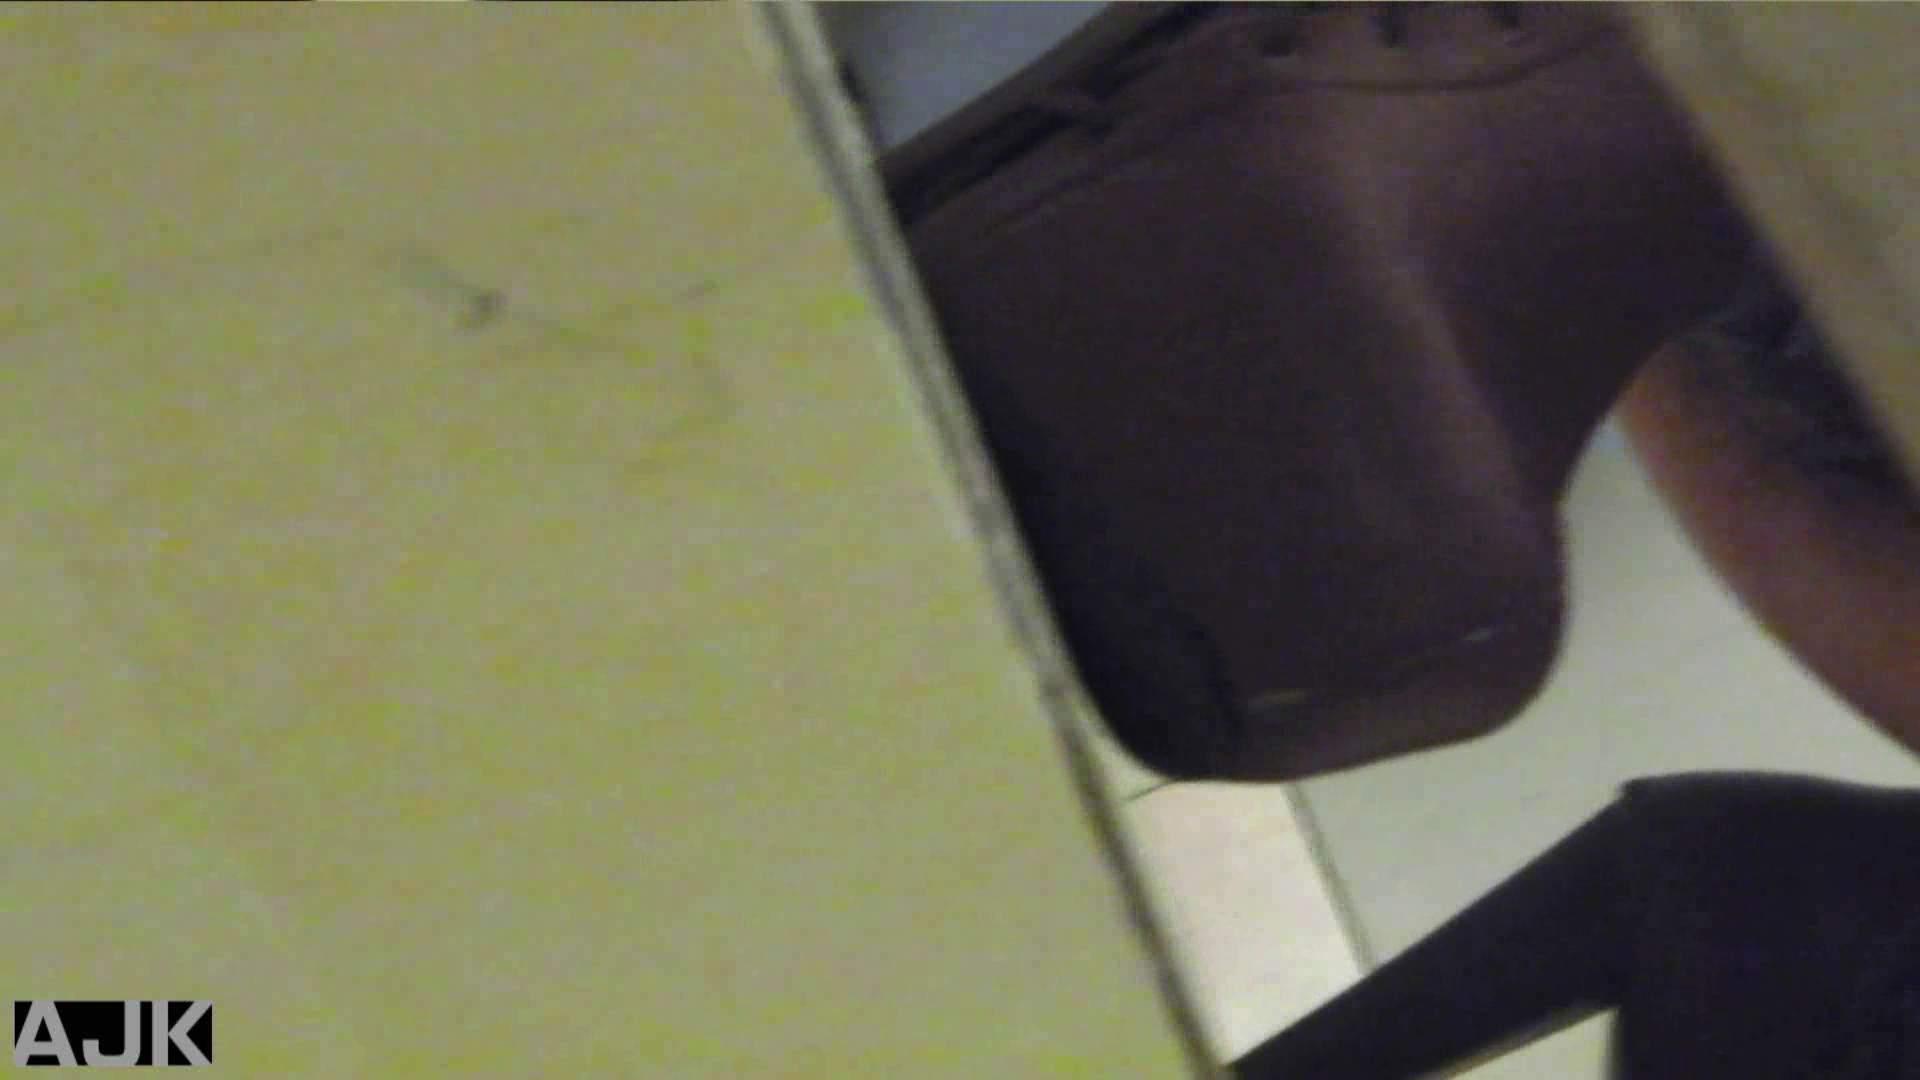 神降臨!史上最強の潜入かわや! vol.04 美女丸裸 オメコ動画キャプチャ 104pic 101